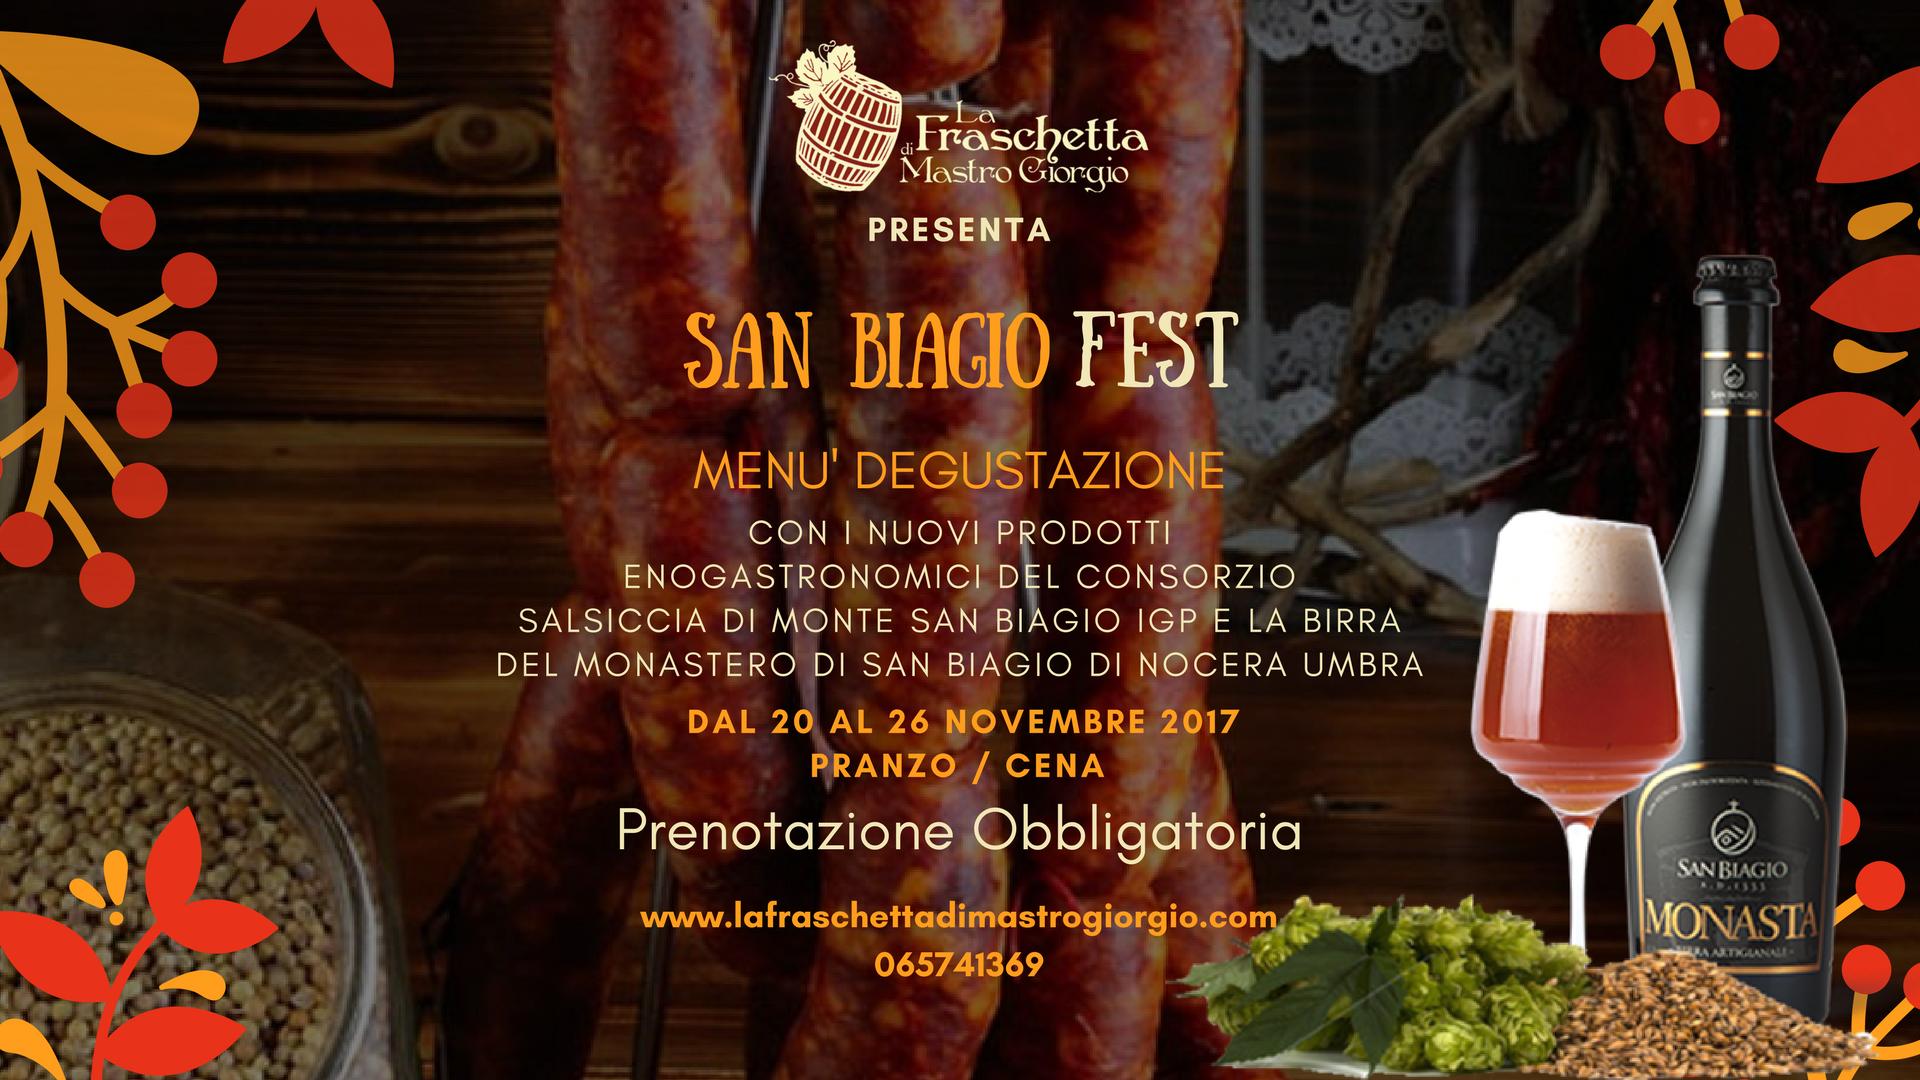 San Biagio FEST – dal 20 al 26 novembre '17